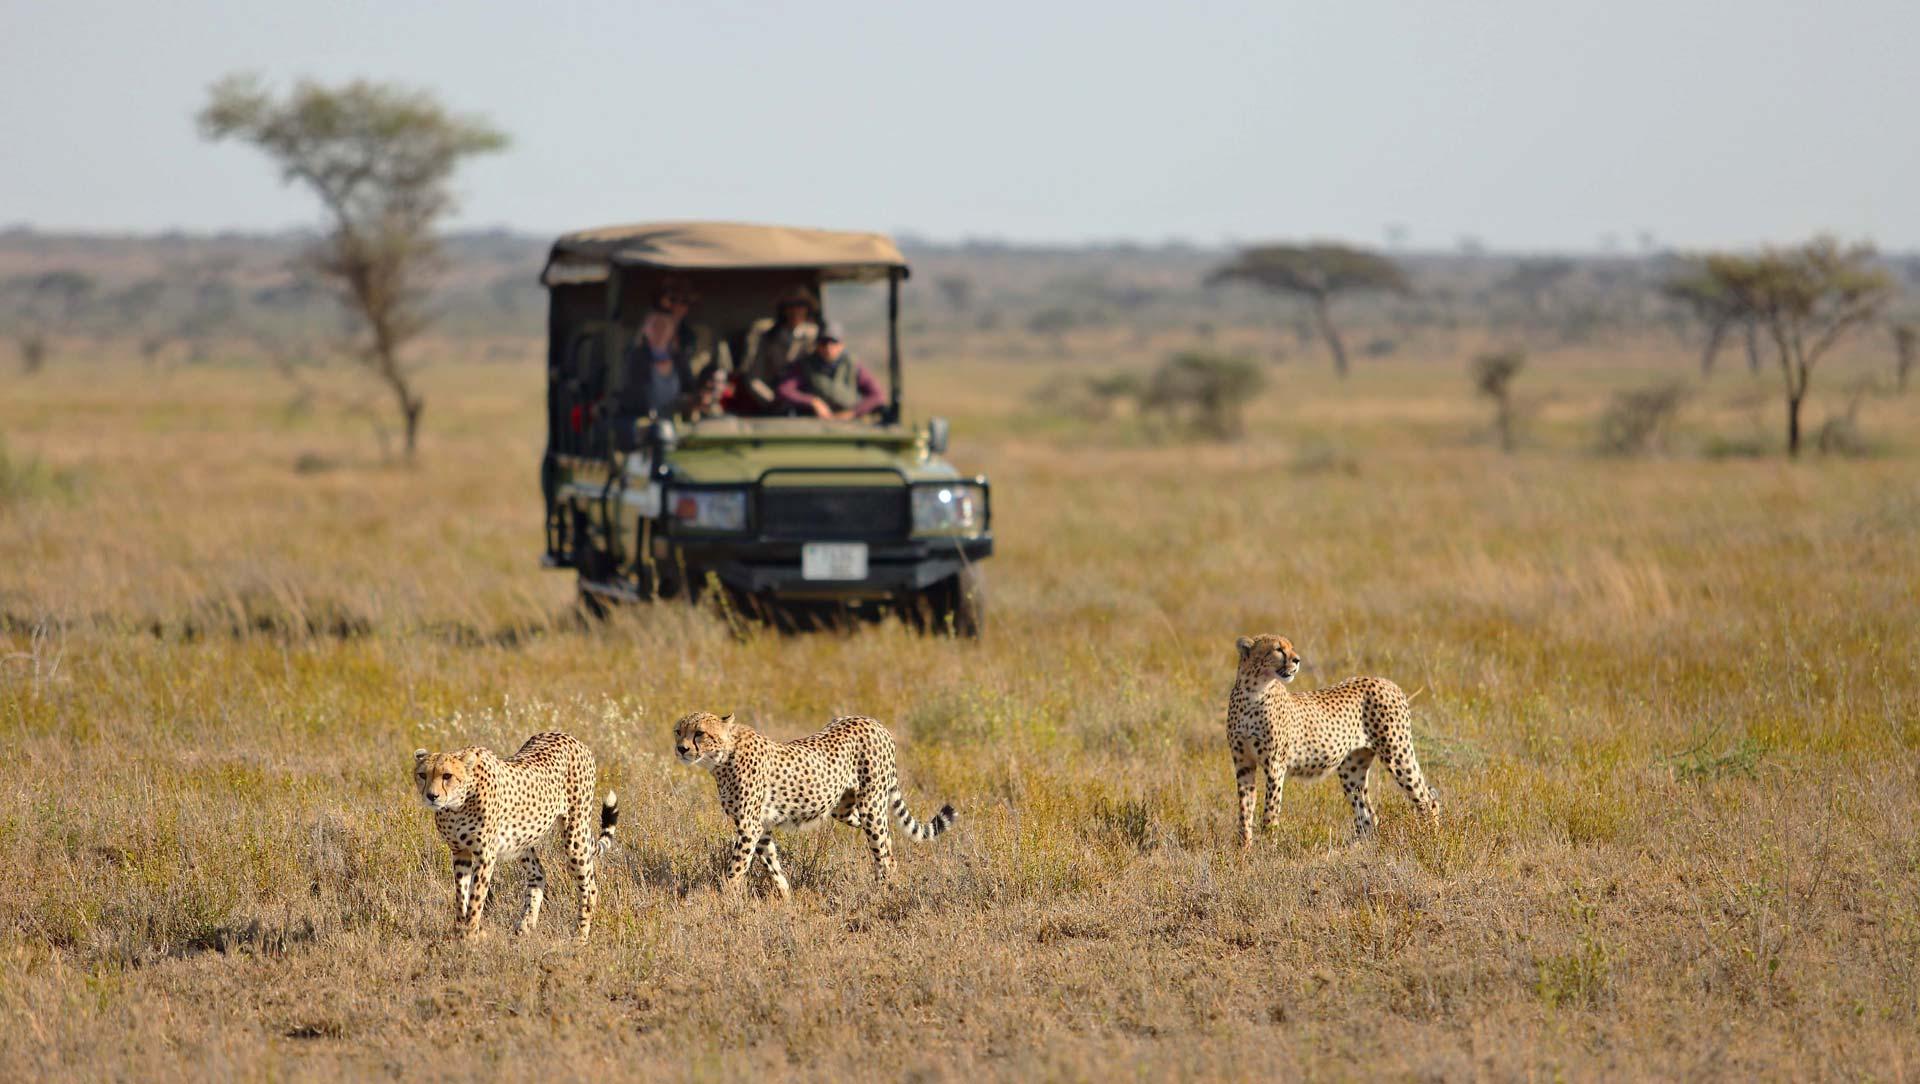 3 Cheetahs